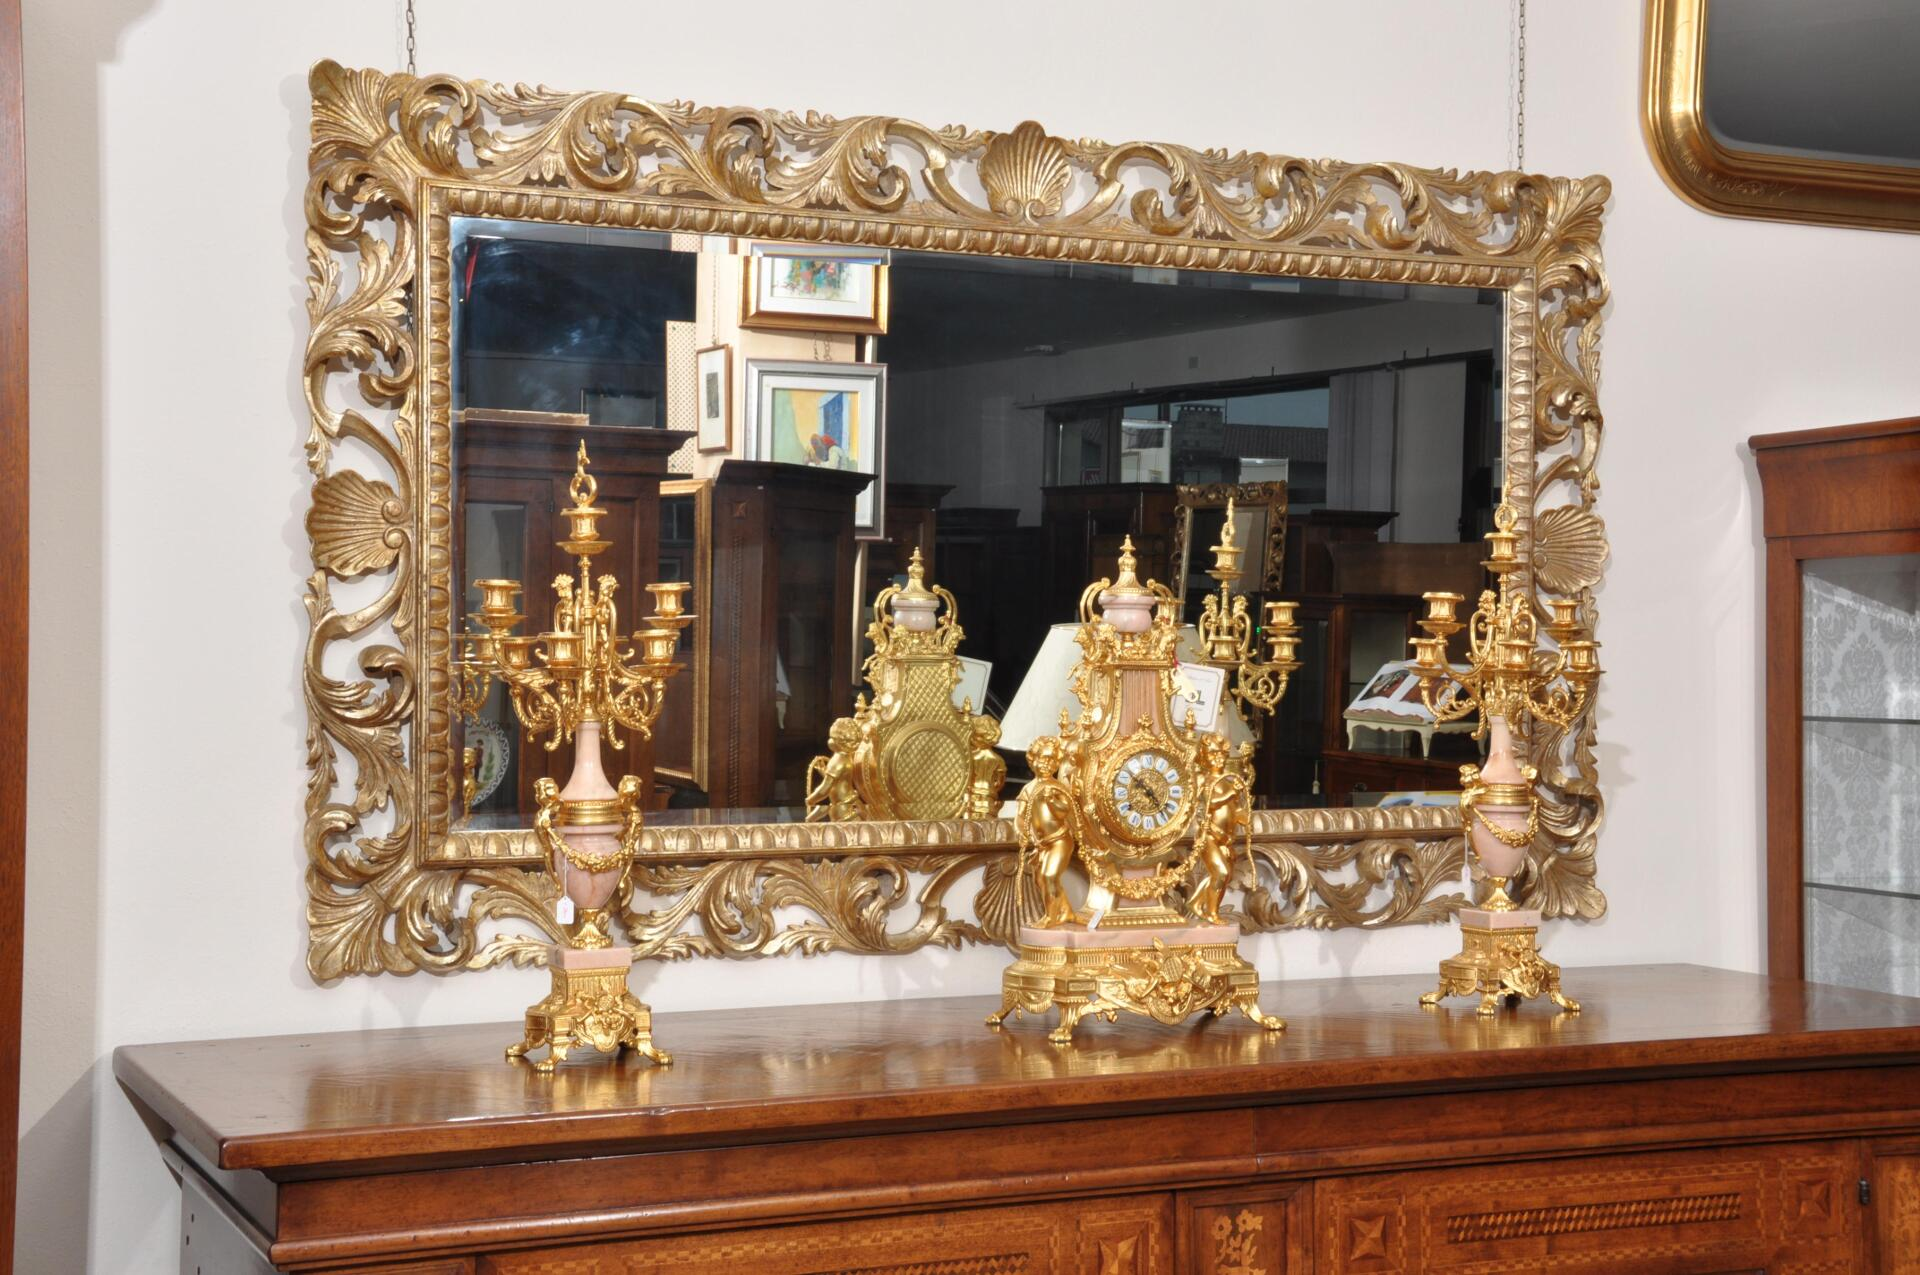 Specchiera di lusso riprodotta in stile barocco 39 700 - Mobili barocco veneziano ...